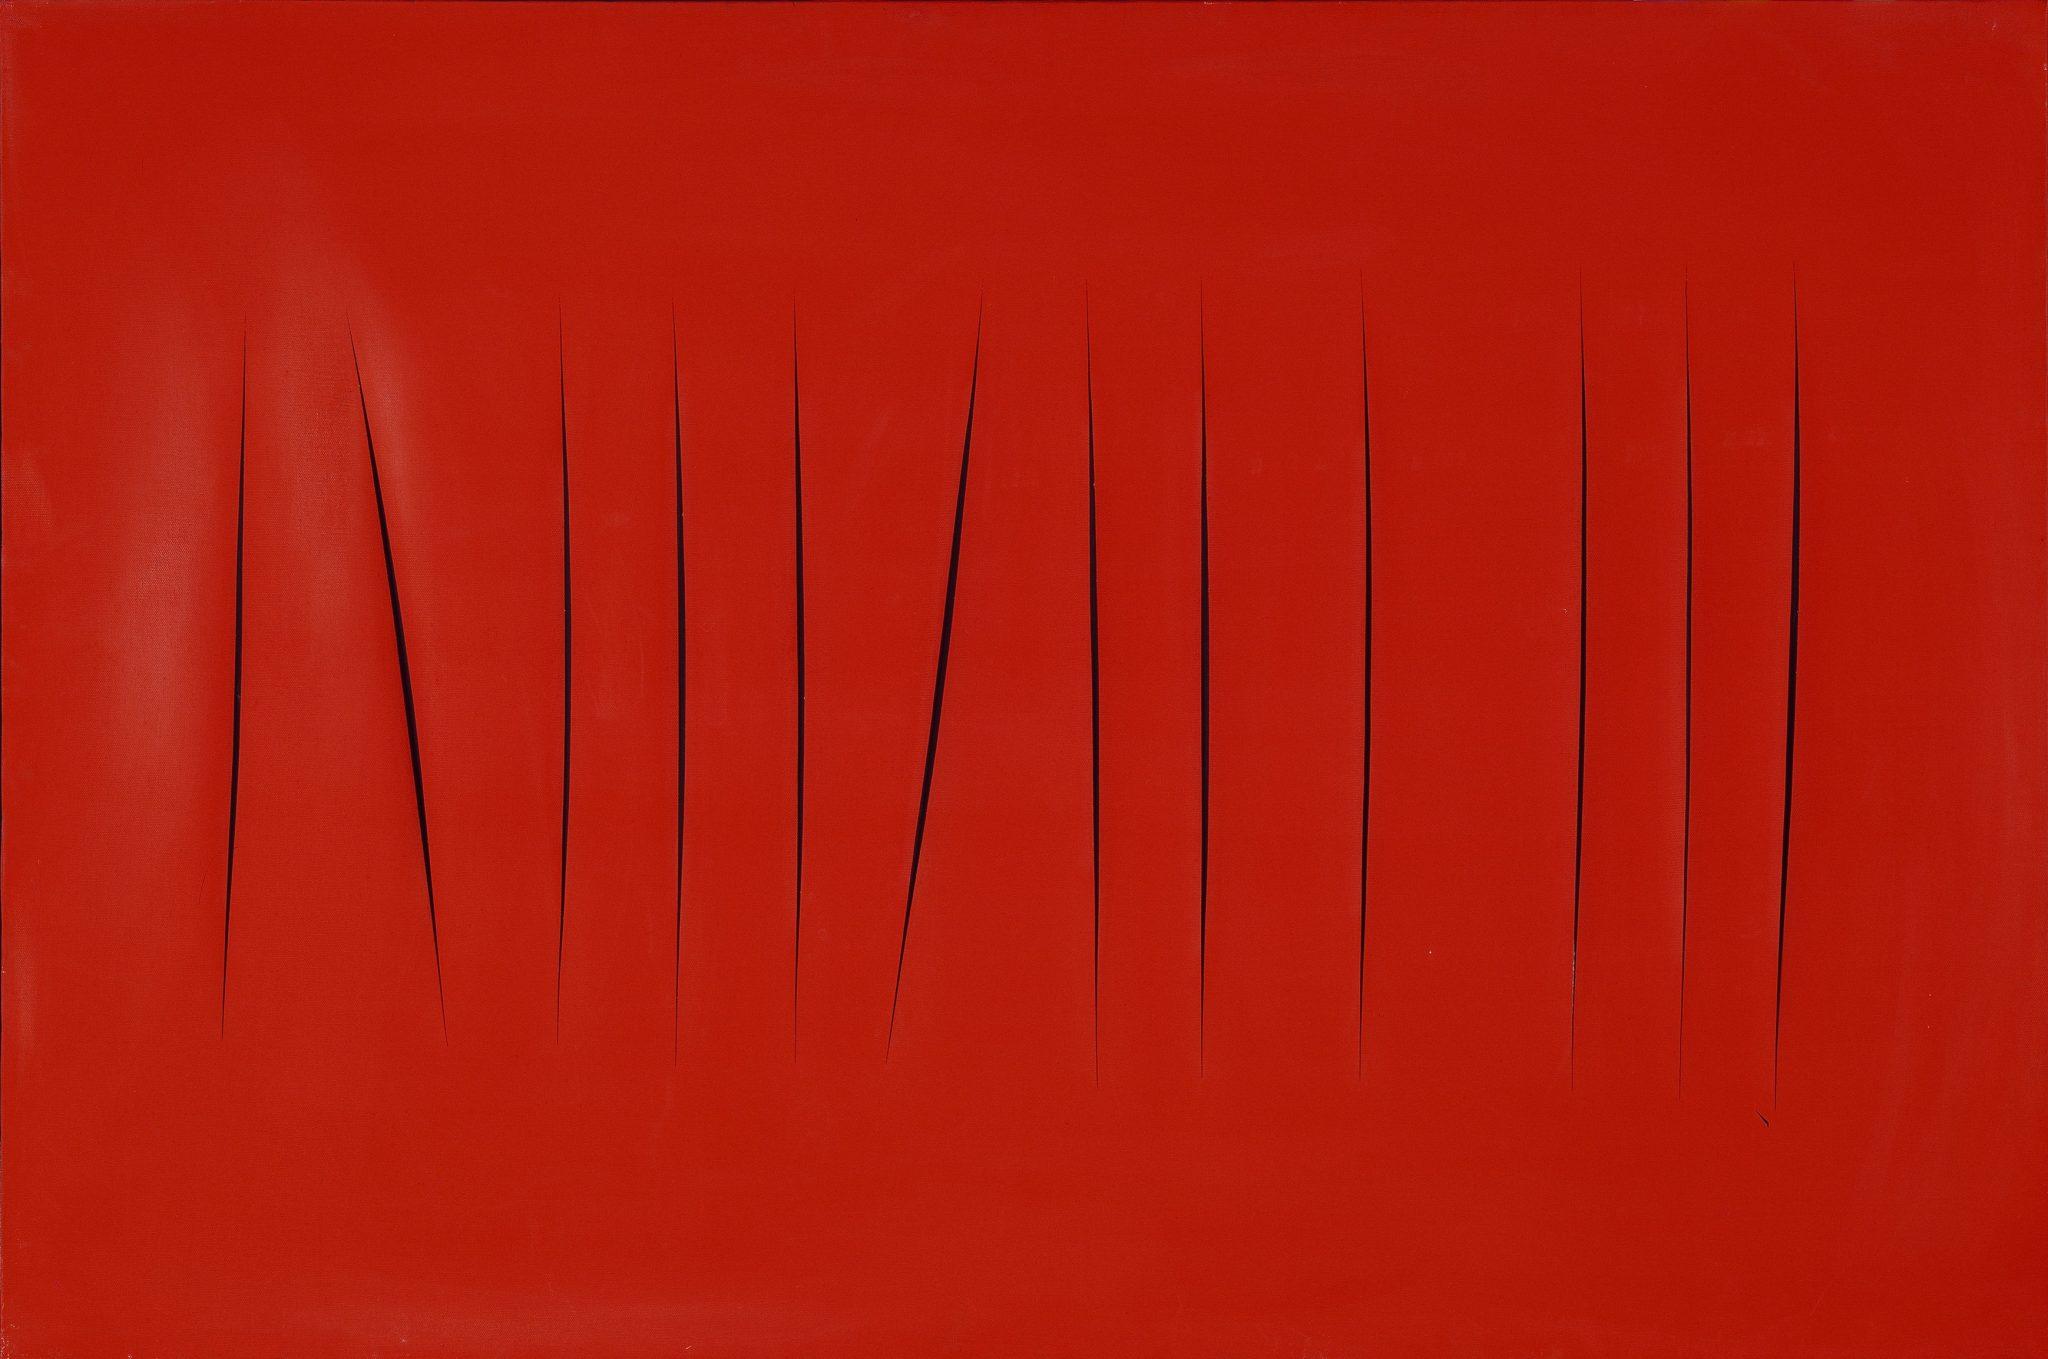 Lucio Fontana Rosario di Santa Fé 1899 - Comabbio 1968 Concetto spaziale. Attese, 1965 idropittura su tela, 130 x 195 cm Collezione Luigi e Peppino Agrati © Fondazione Lucio Fontana, Milano by SIAE 2018